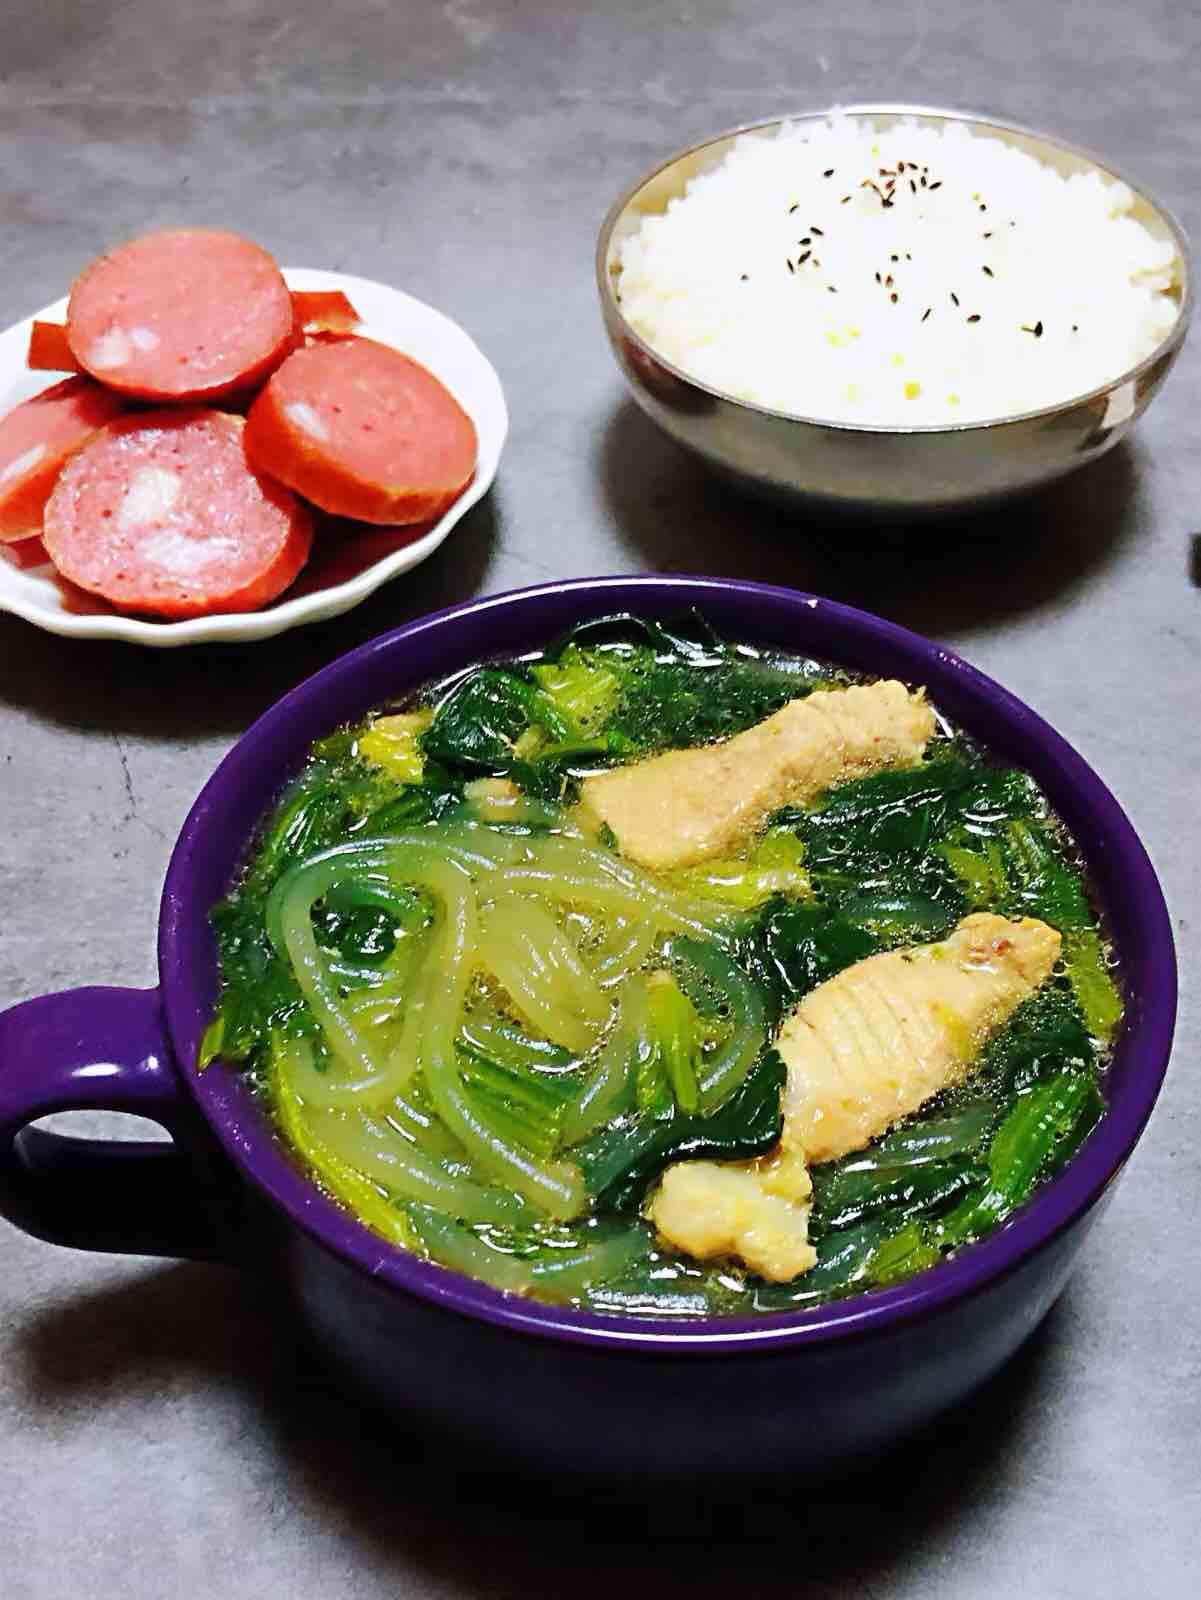 菠菜粉条鲜肉汤